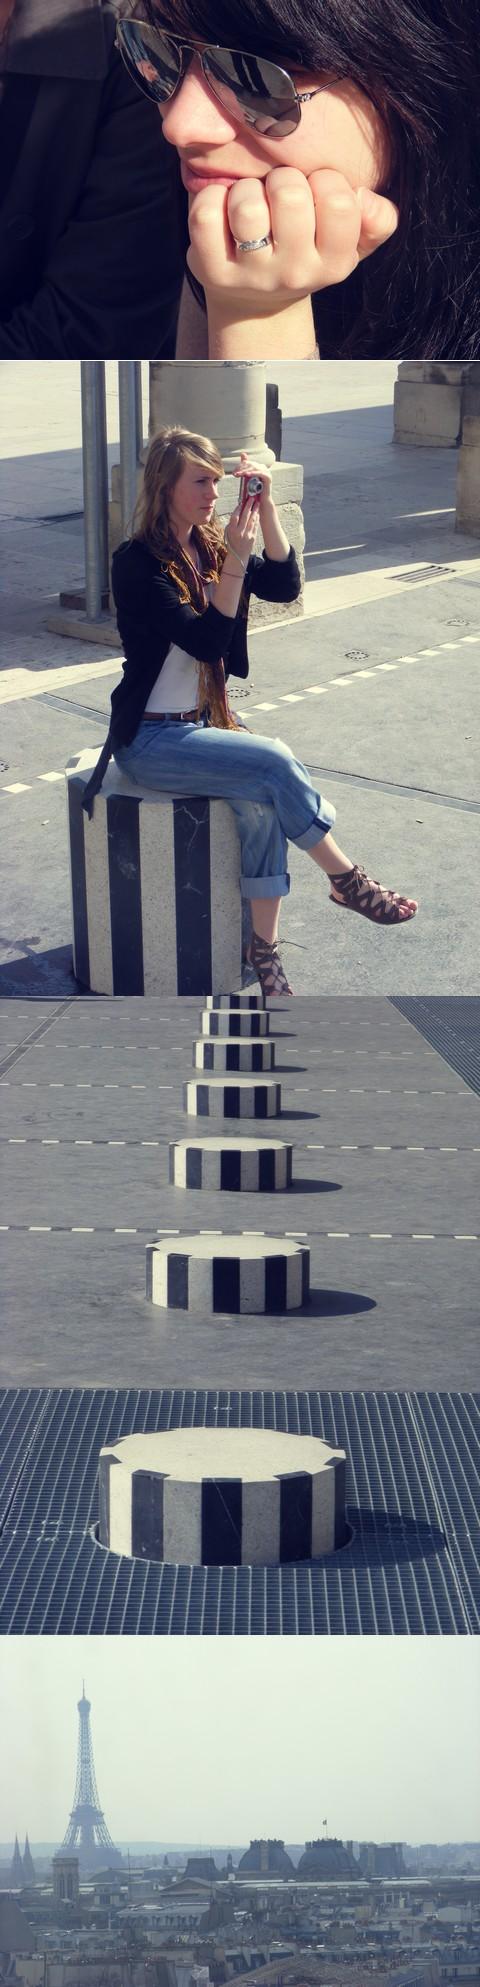 http://mamzelle-m0i.cowblog.fr/images/Ephemere/Rayures.jpg